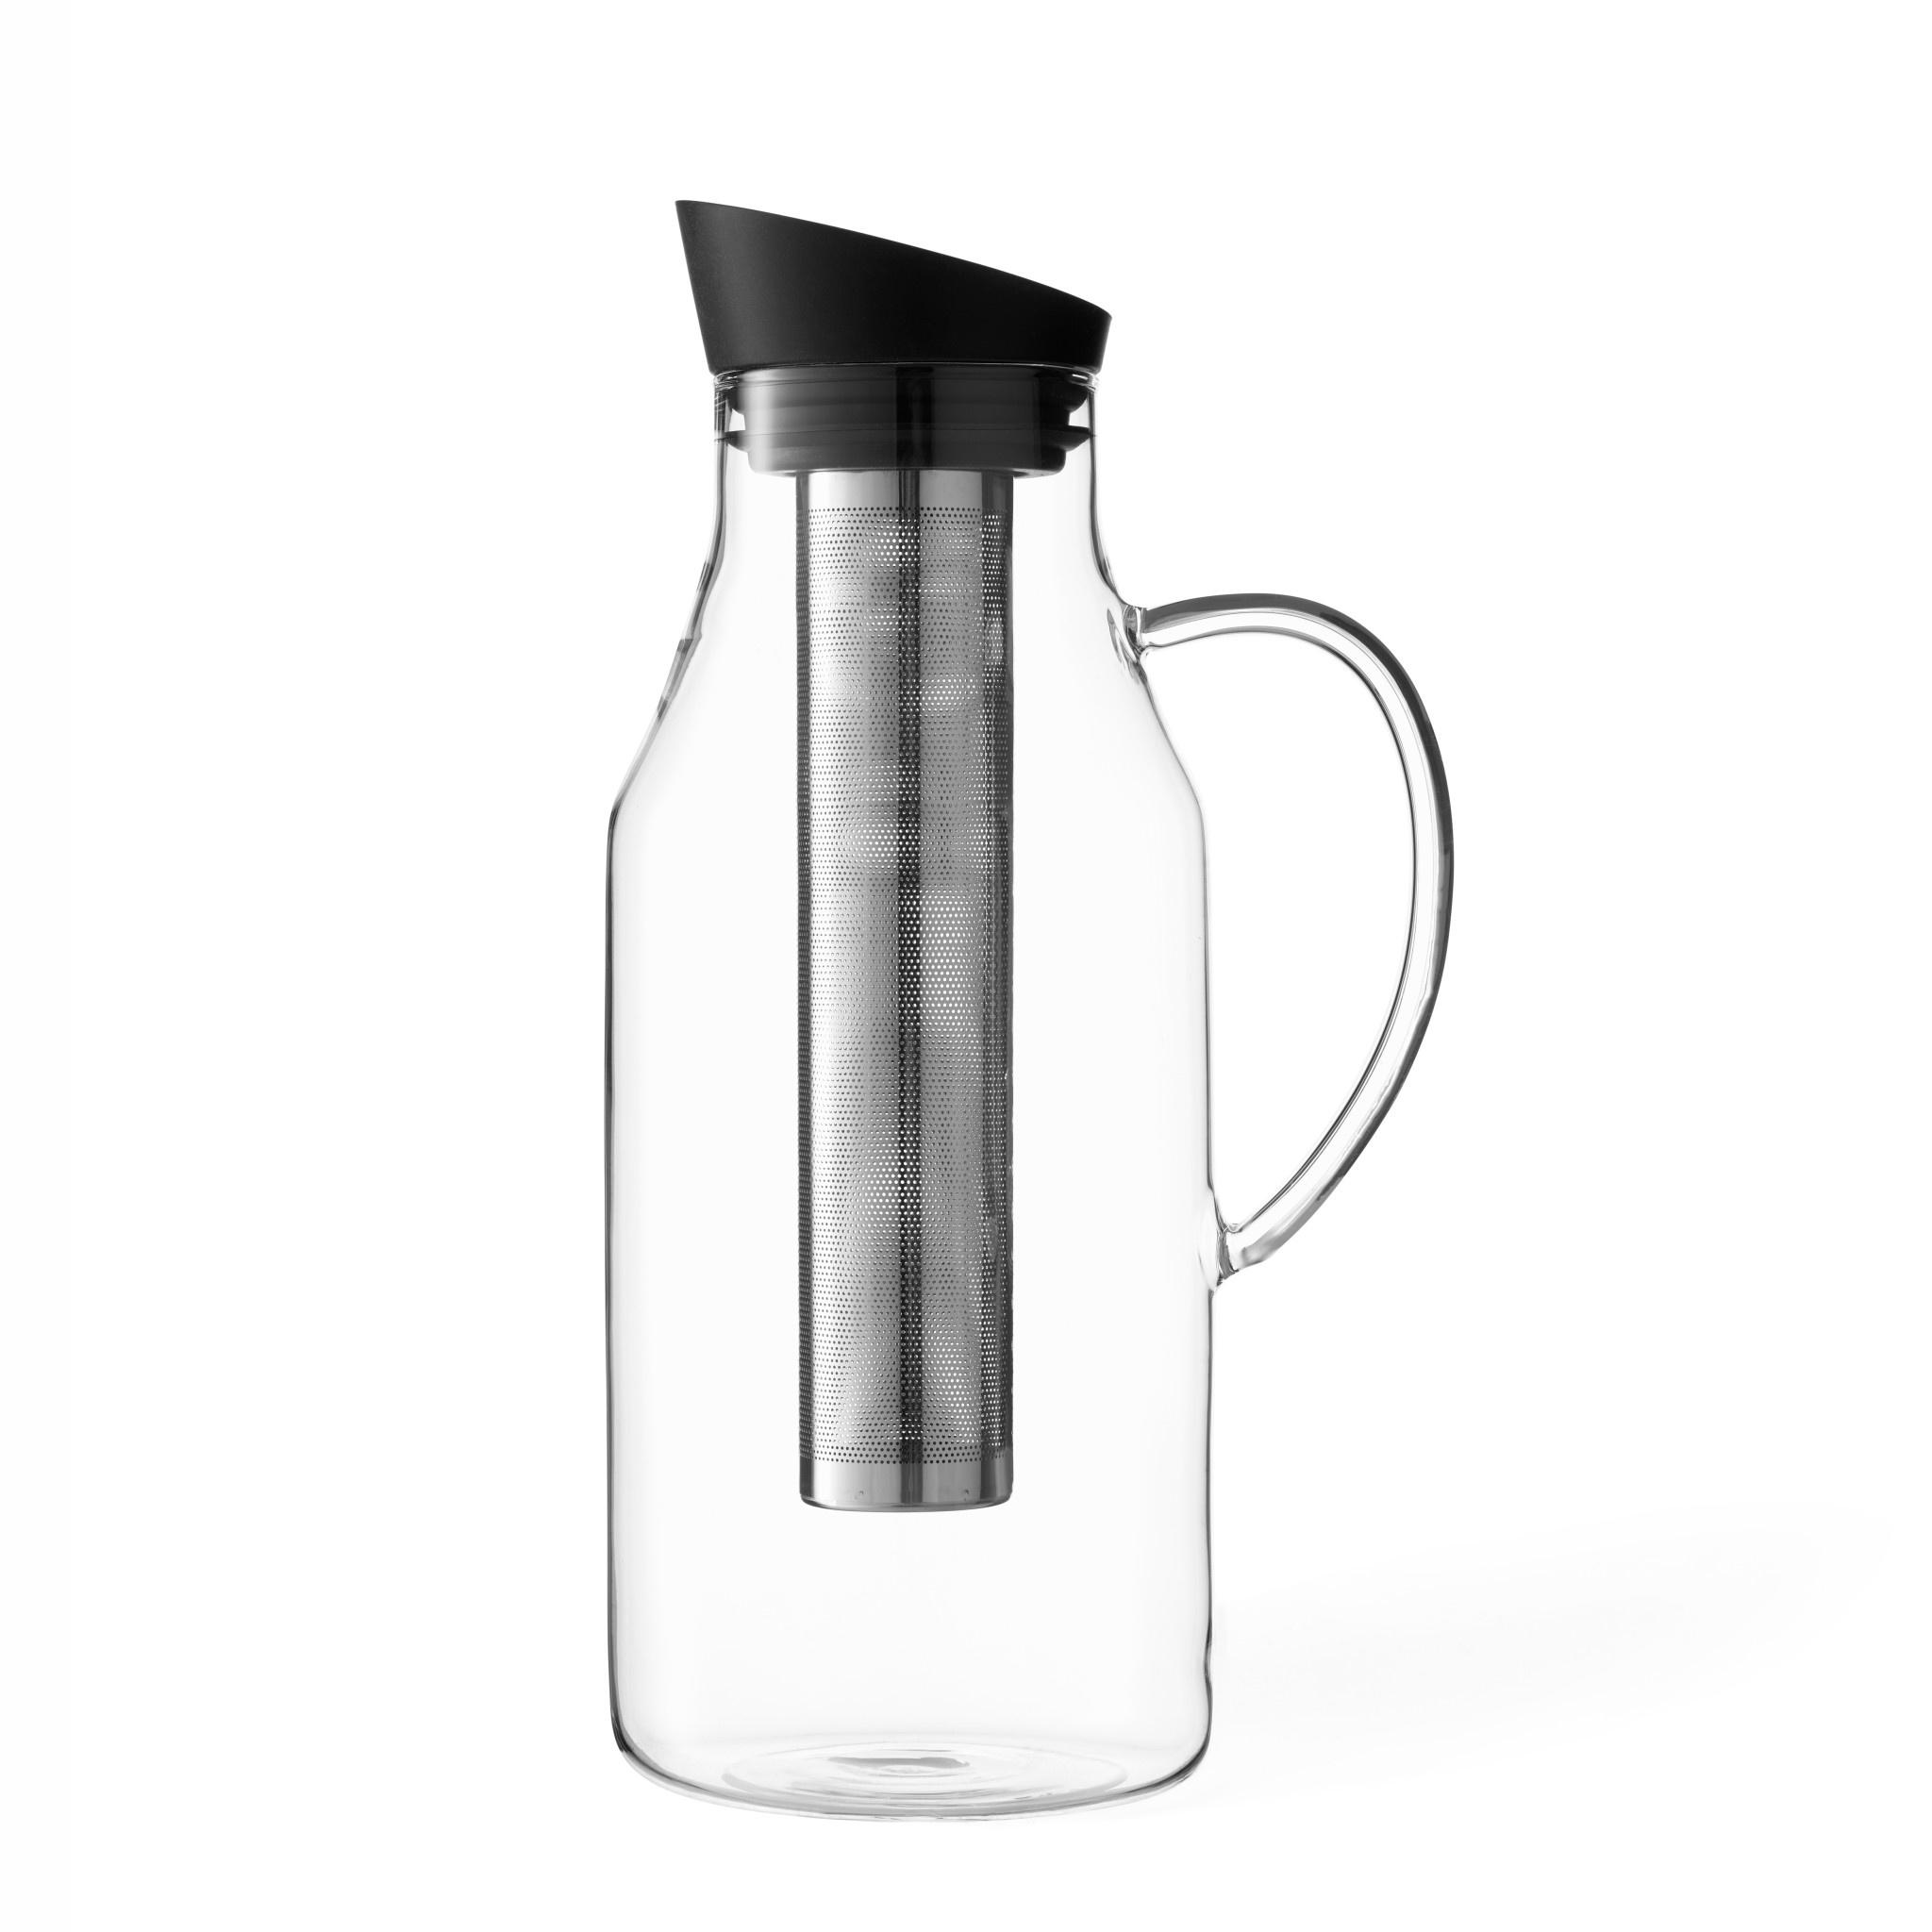 Pichet à thé glacé Viva™ 1,8L